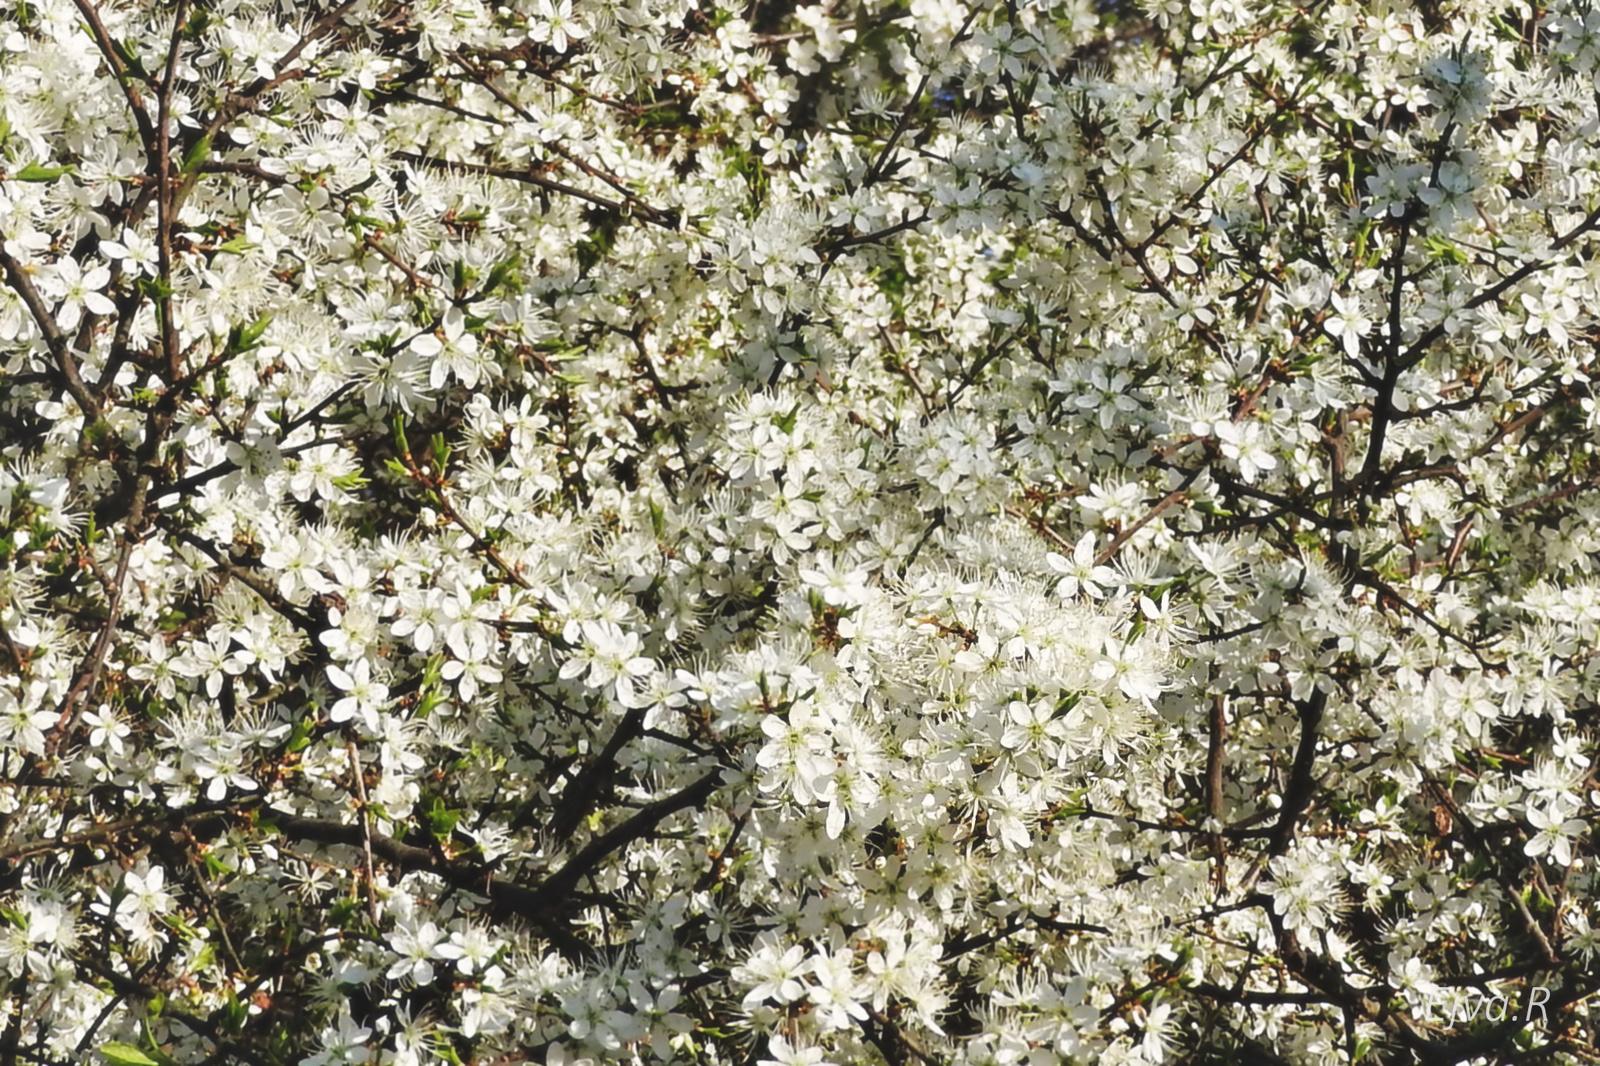 Kökényvirág (Prunus spinosa)